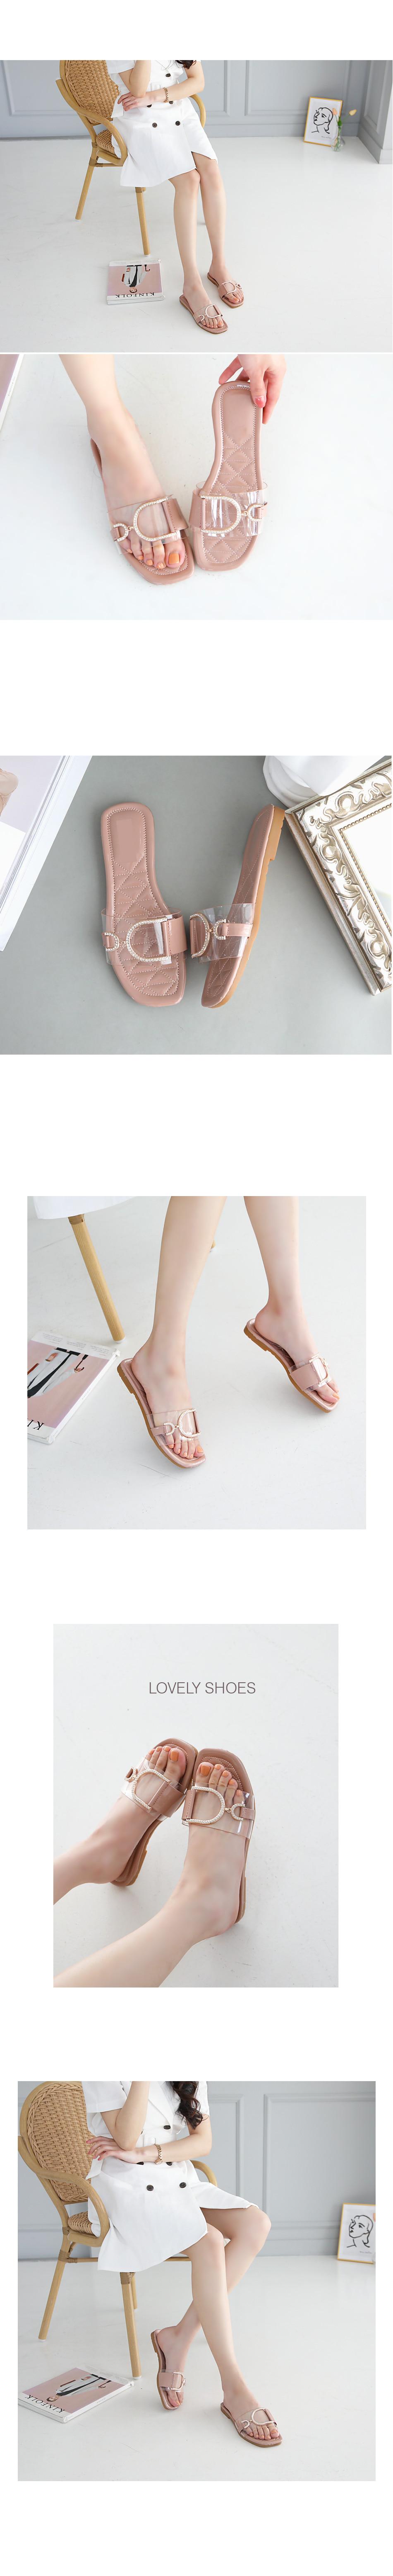 Deallon Slippers 1.5cm